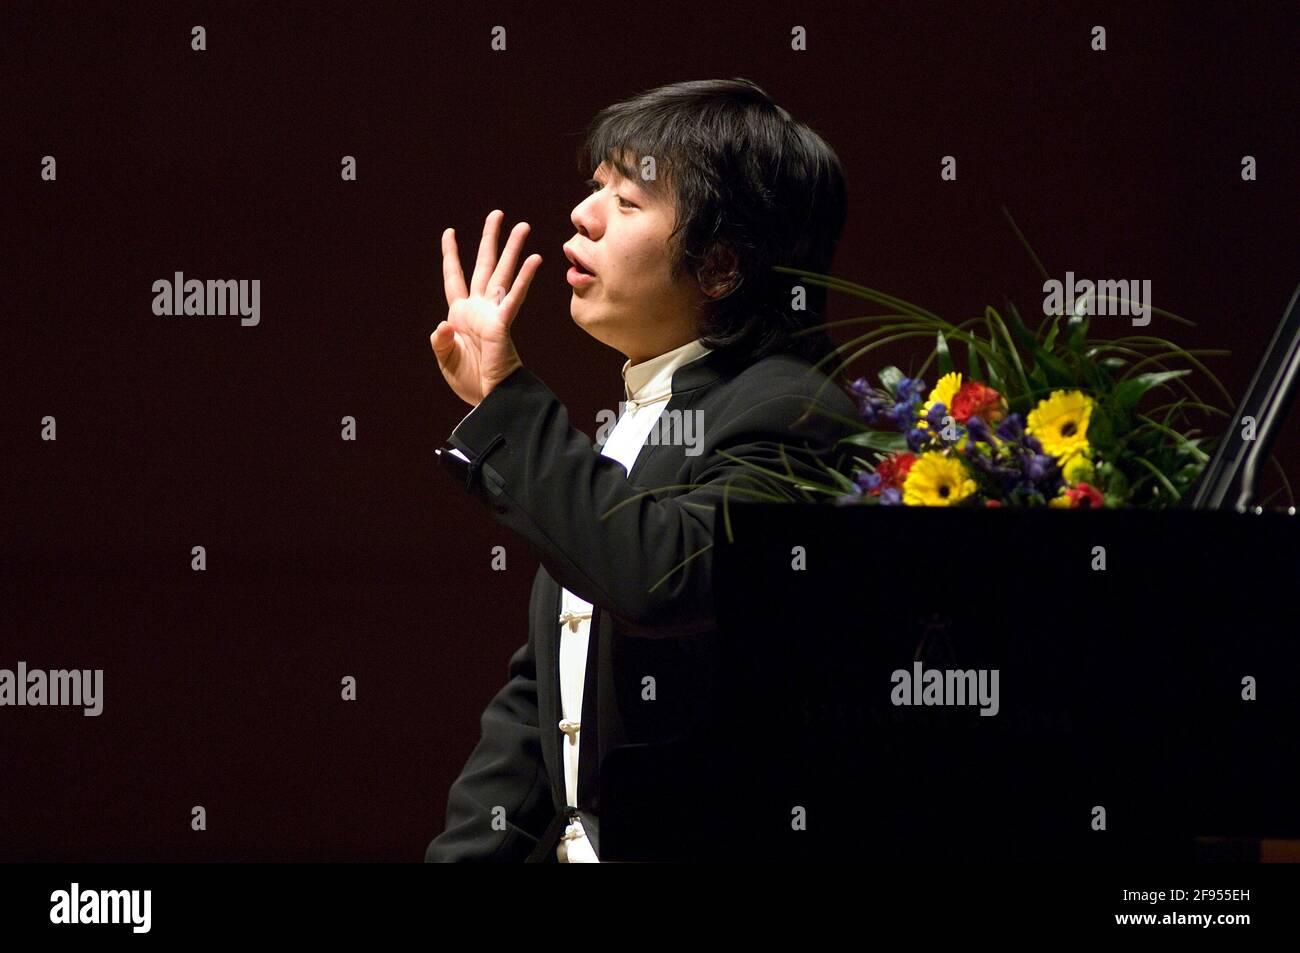 DEU, Deutschland, Ruhrgebiet, Essen, 10.02.2006: Der Pianist lang lang kommuniziert mit seinem Publikum bei seinem Konzert in der Philharmonie Essen. Stockfoto